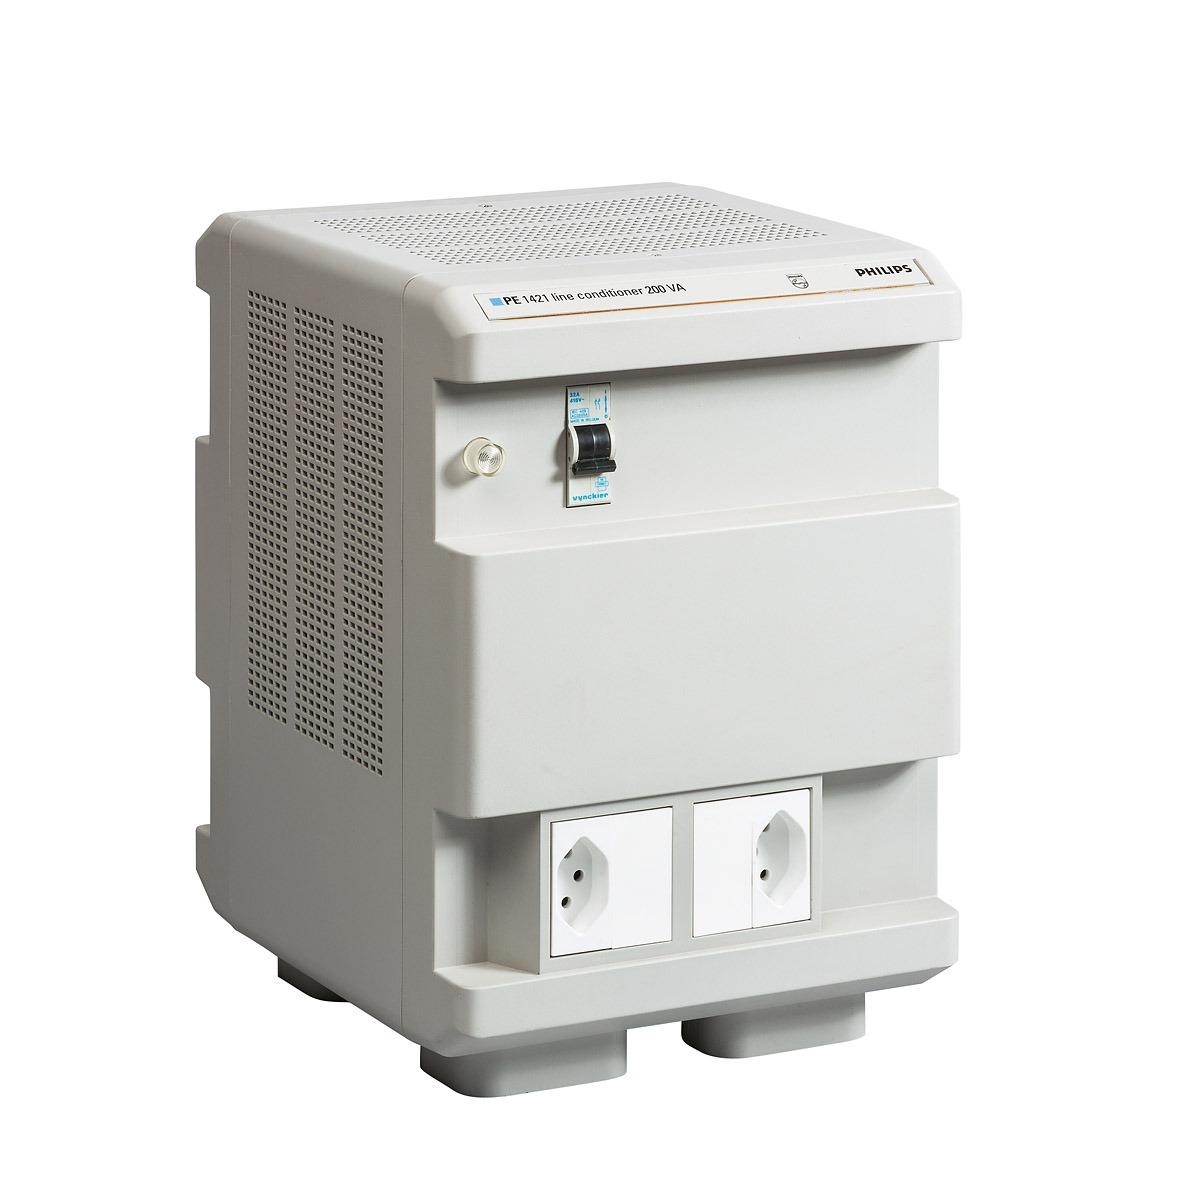 9415 014 22201 (PE1422/20) - Line Conditioner 230V/230V-400VA